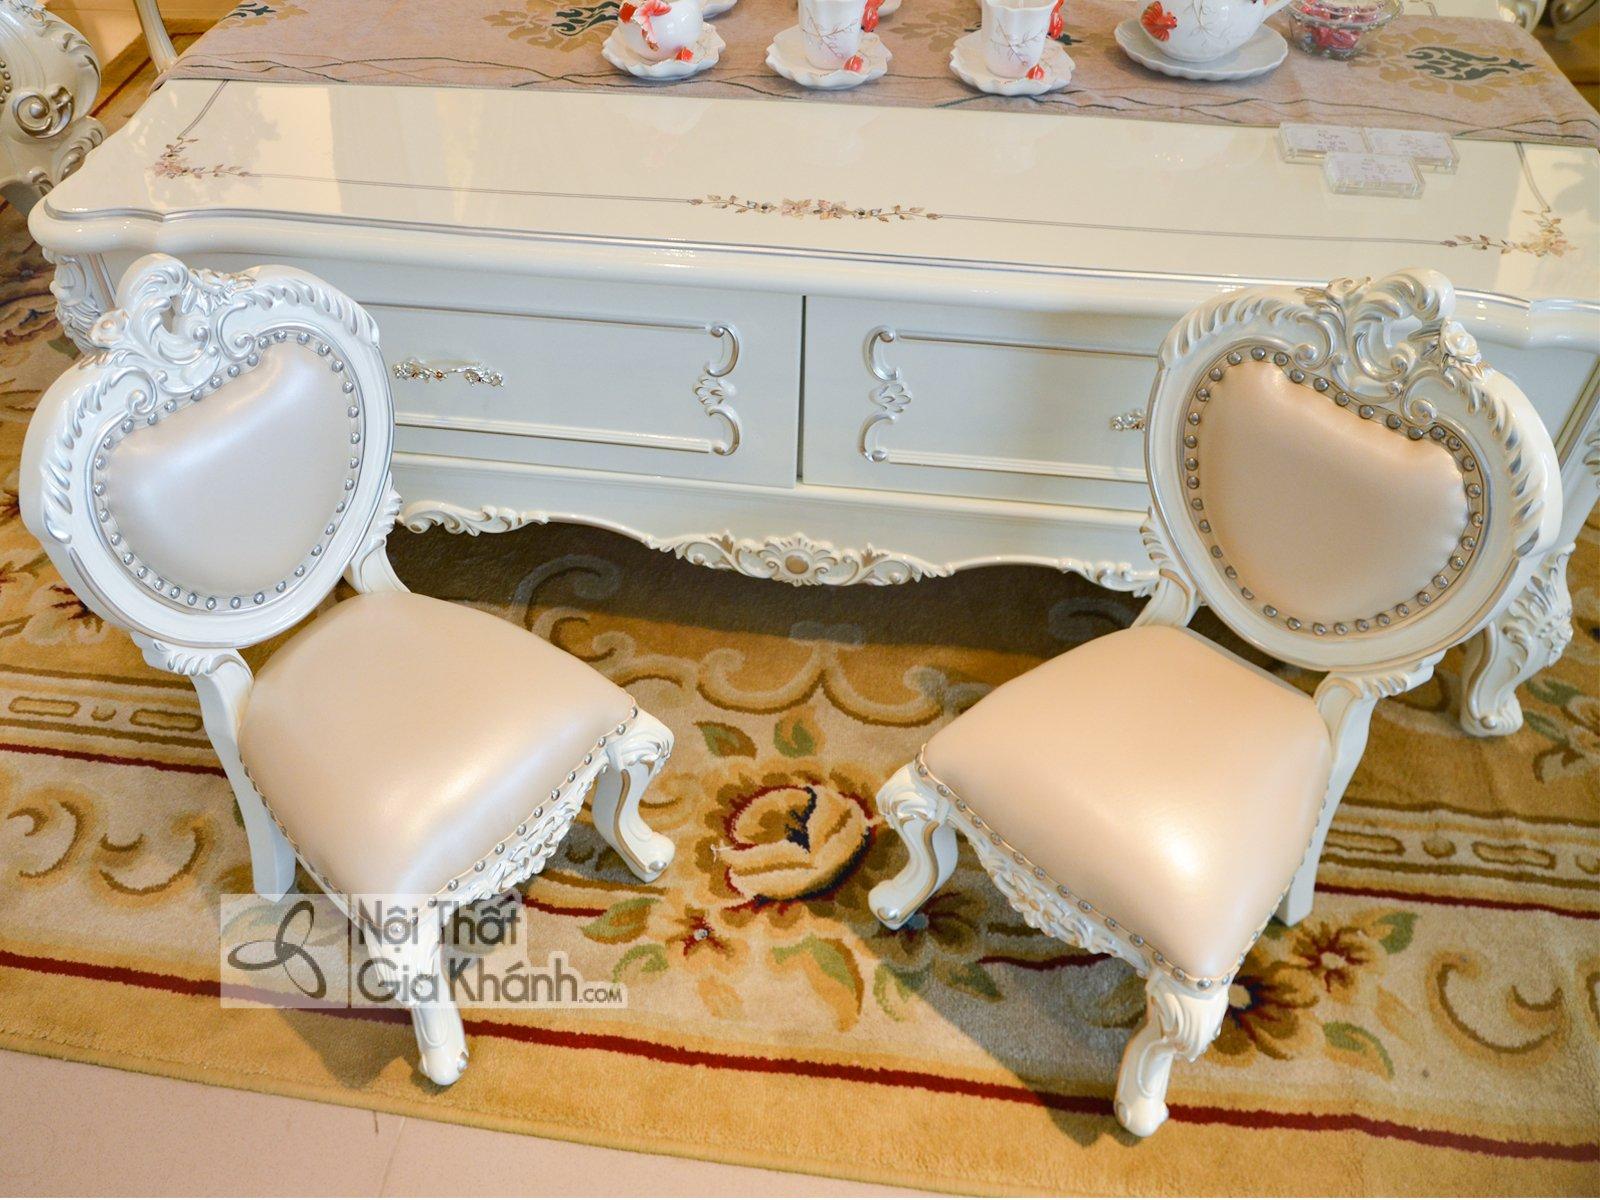 ghe nho dat cung sofa H8801G 2 - Ghế baby đặt cùng sofa tân cổ điển GB8801H